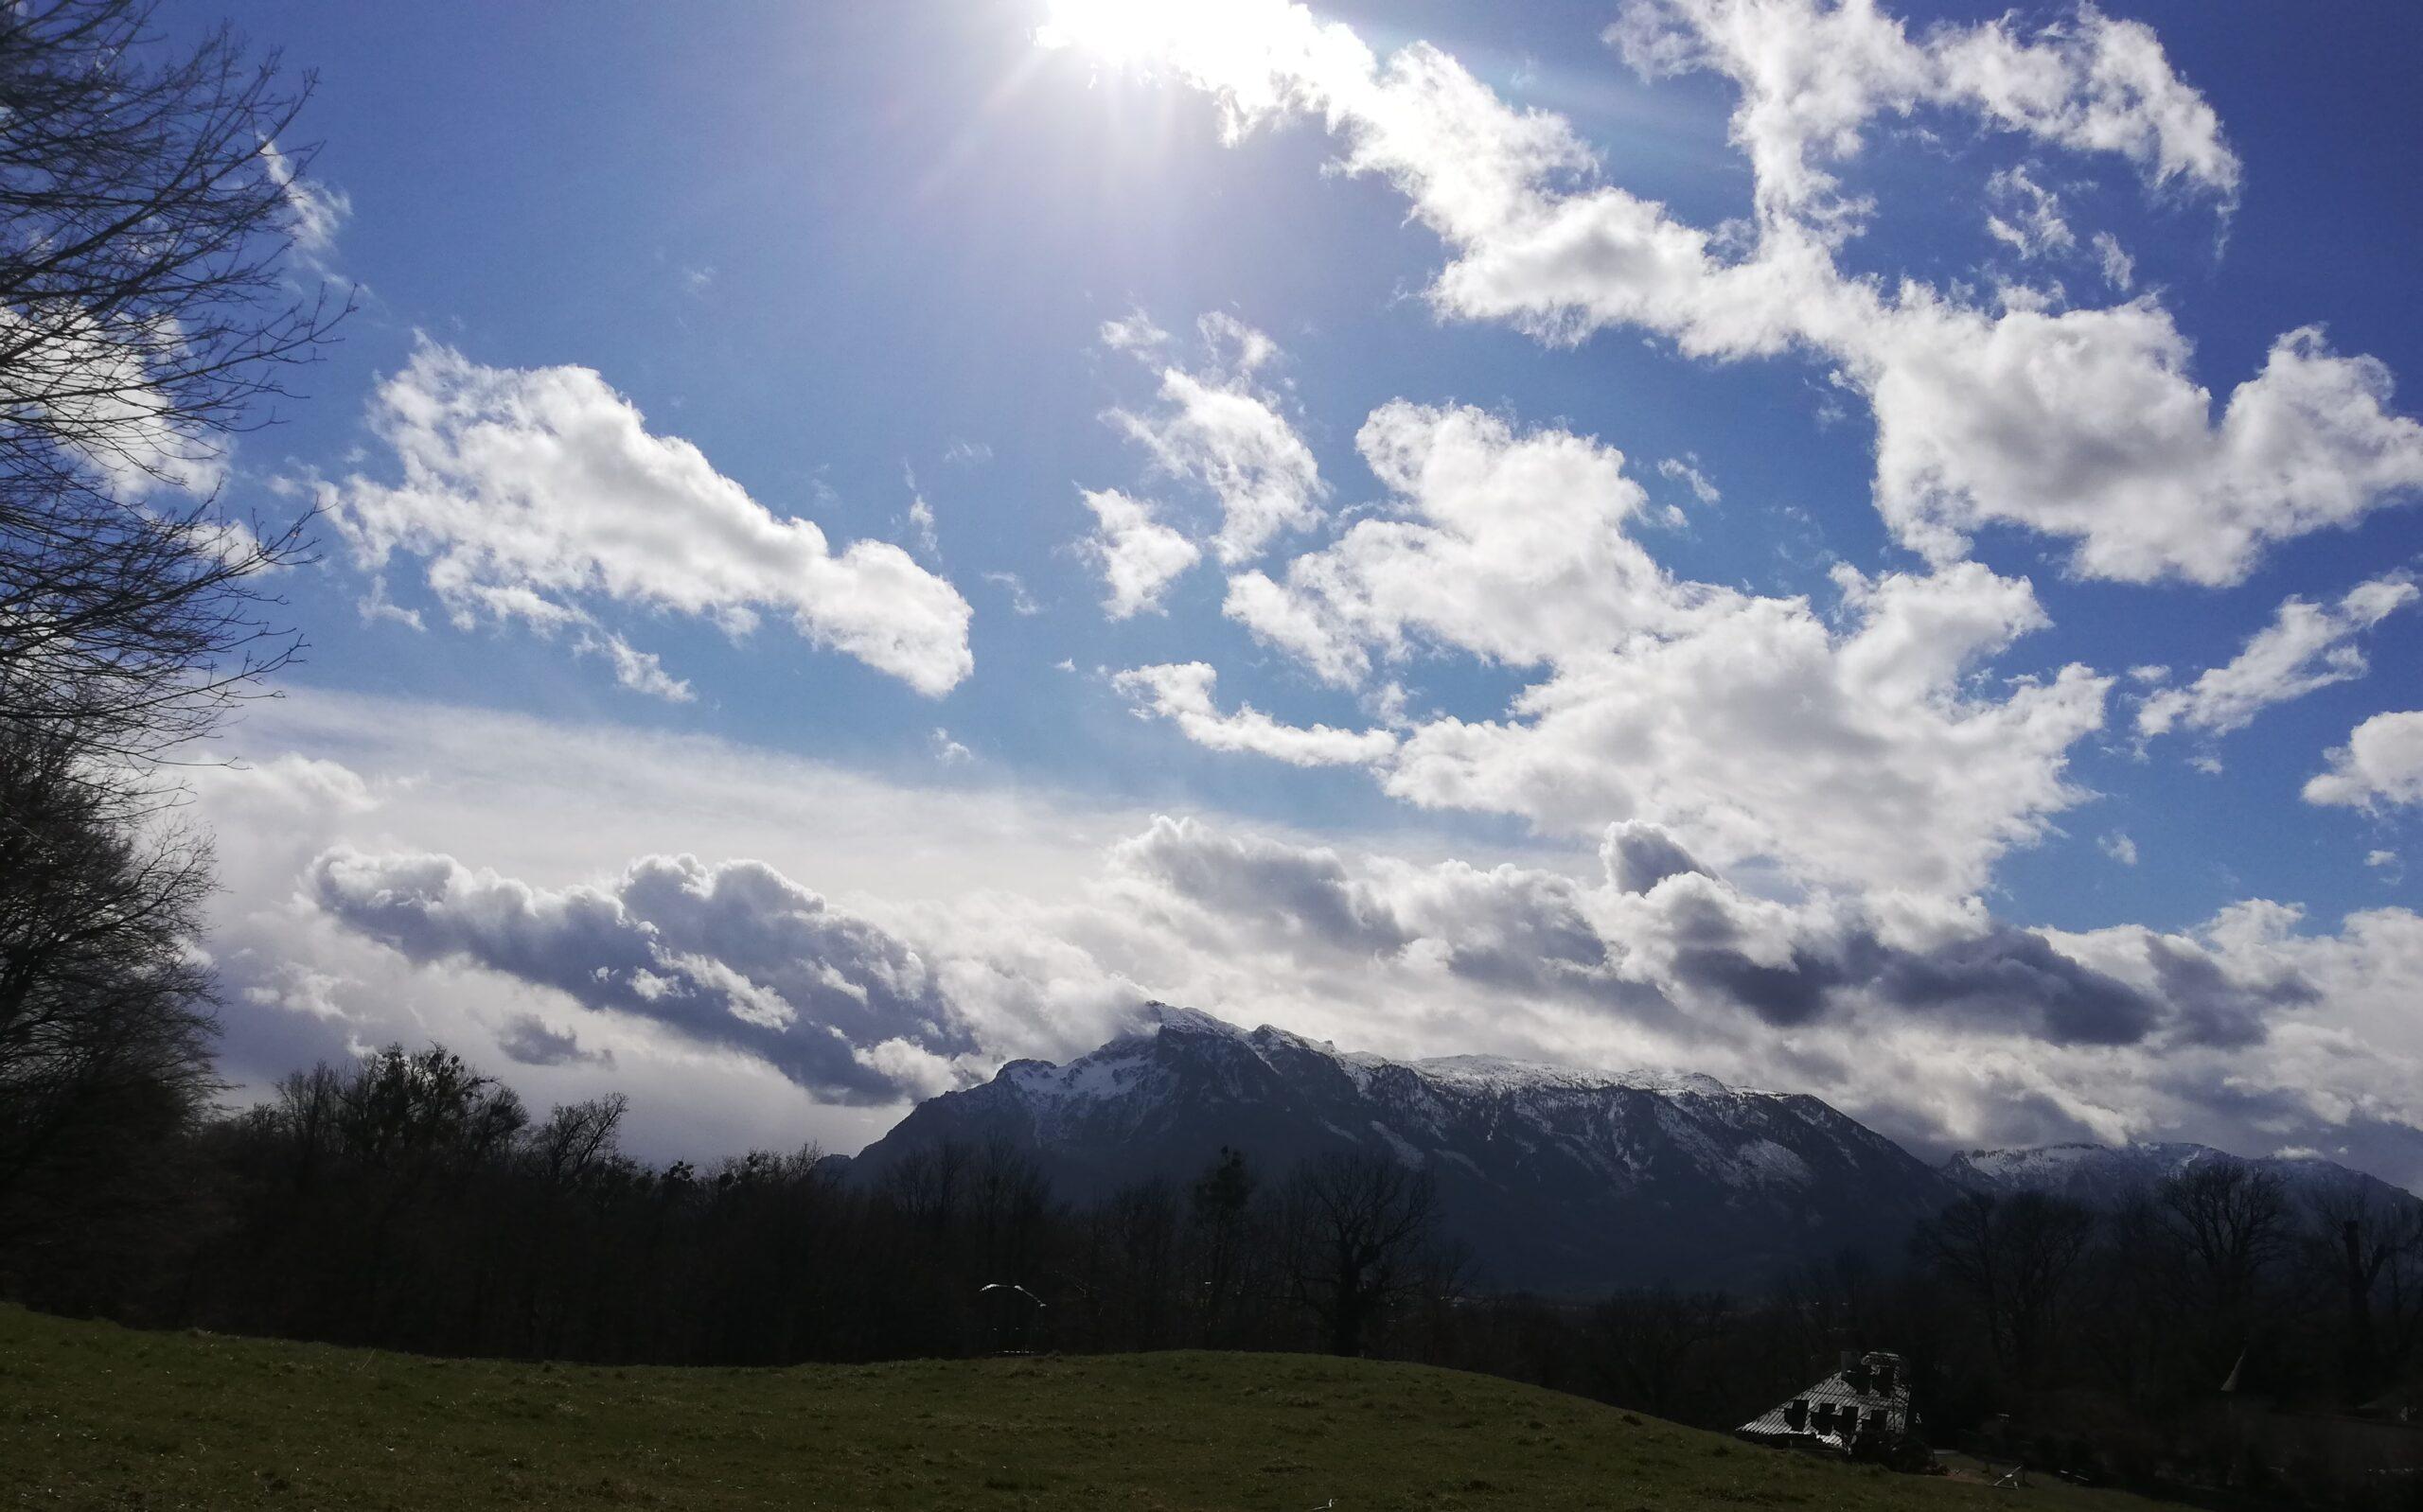 Himmel über Salzburg Untersberg Berchtesgarden Bayern